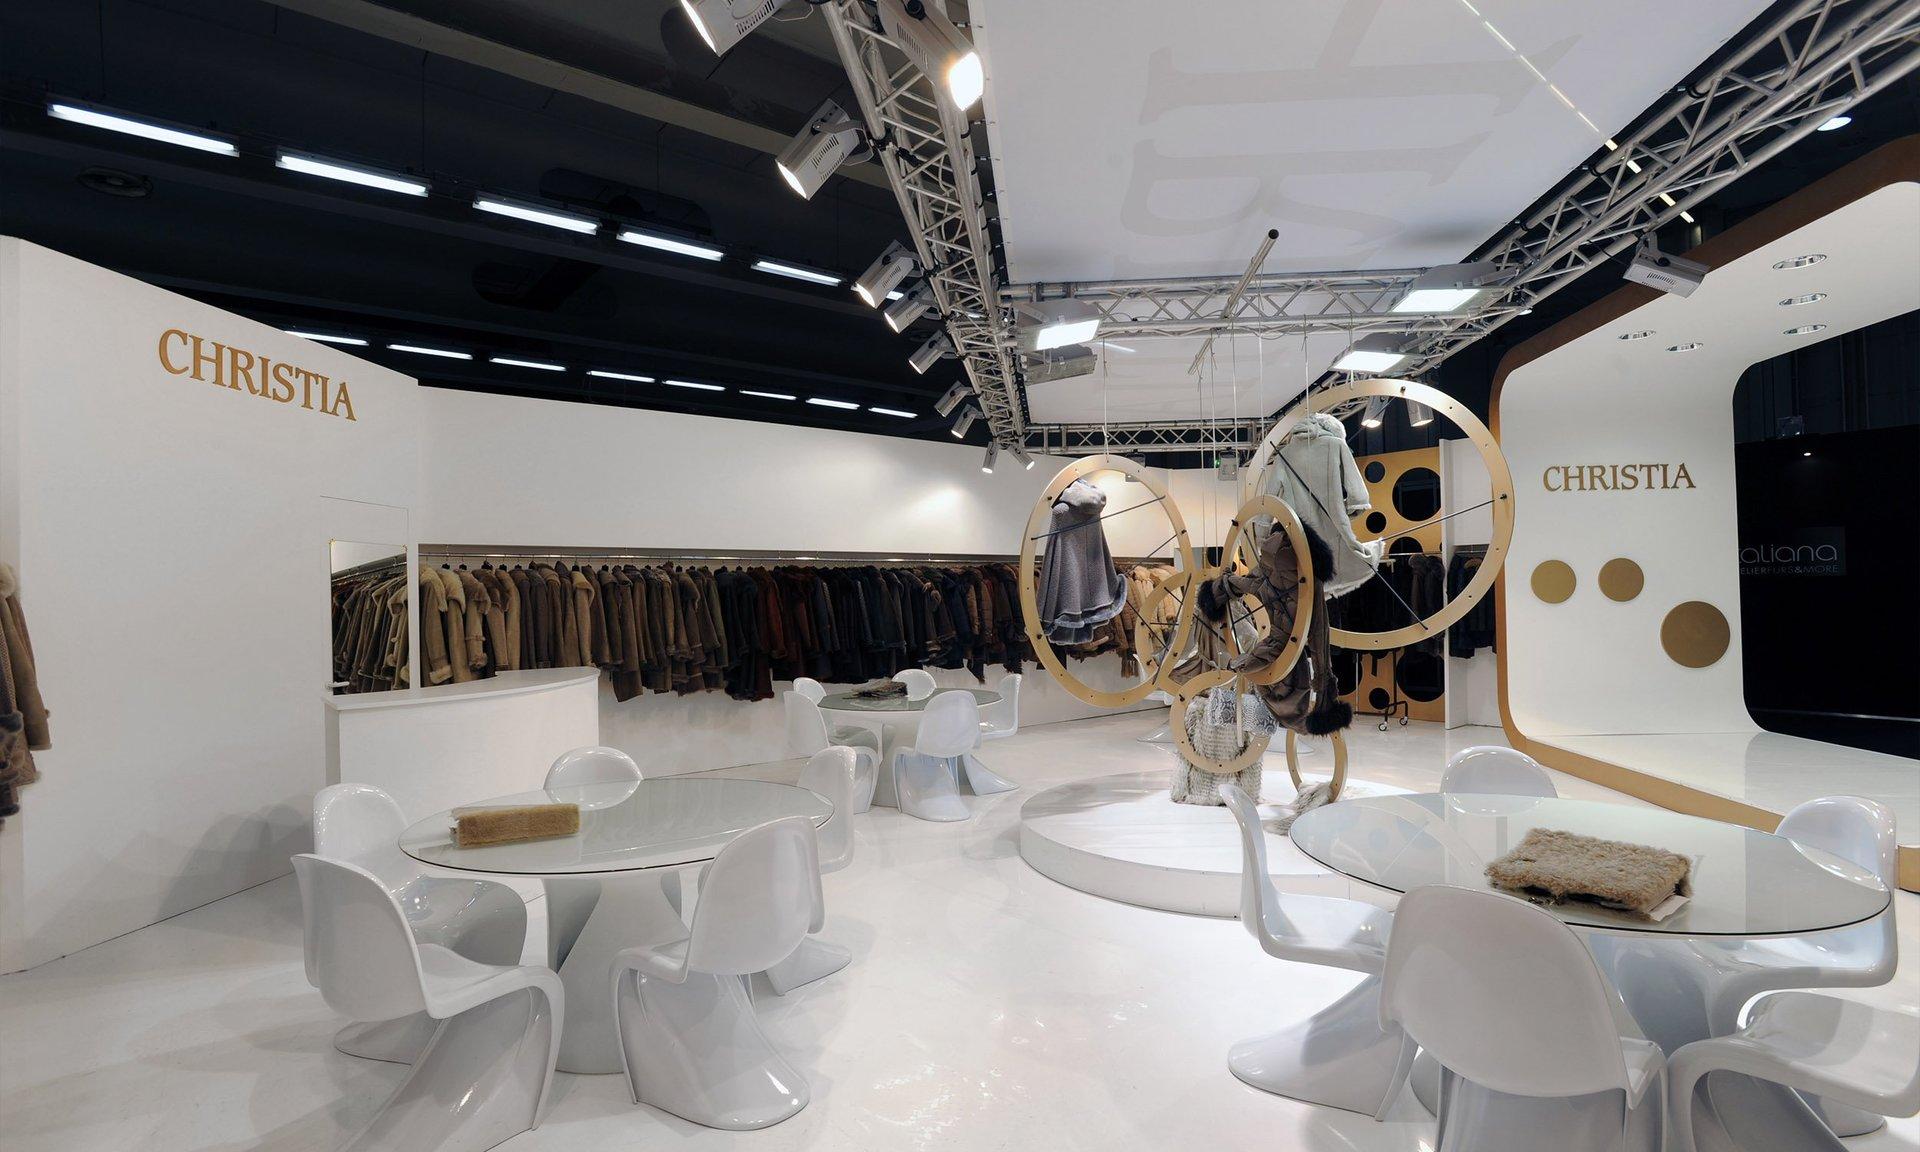 dei tavoli in plexiglass, delle sedie bianche in uno stand della boutique Christia